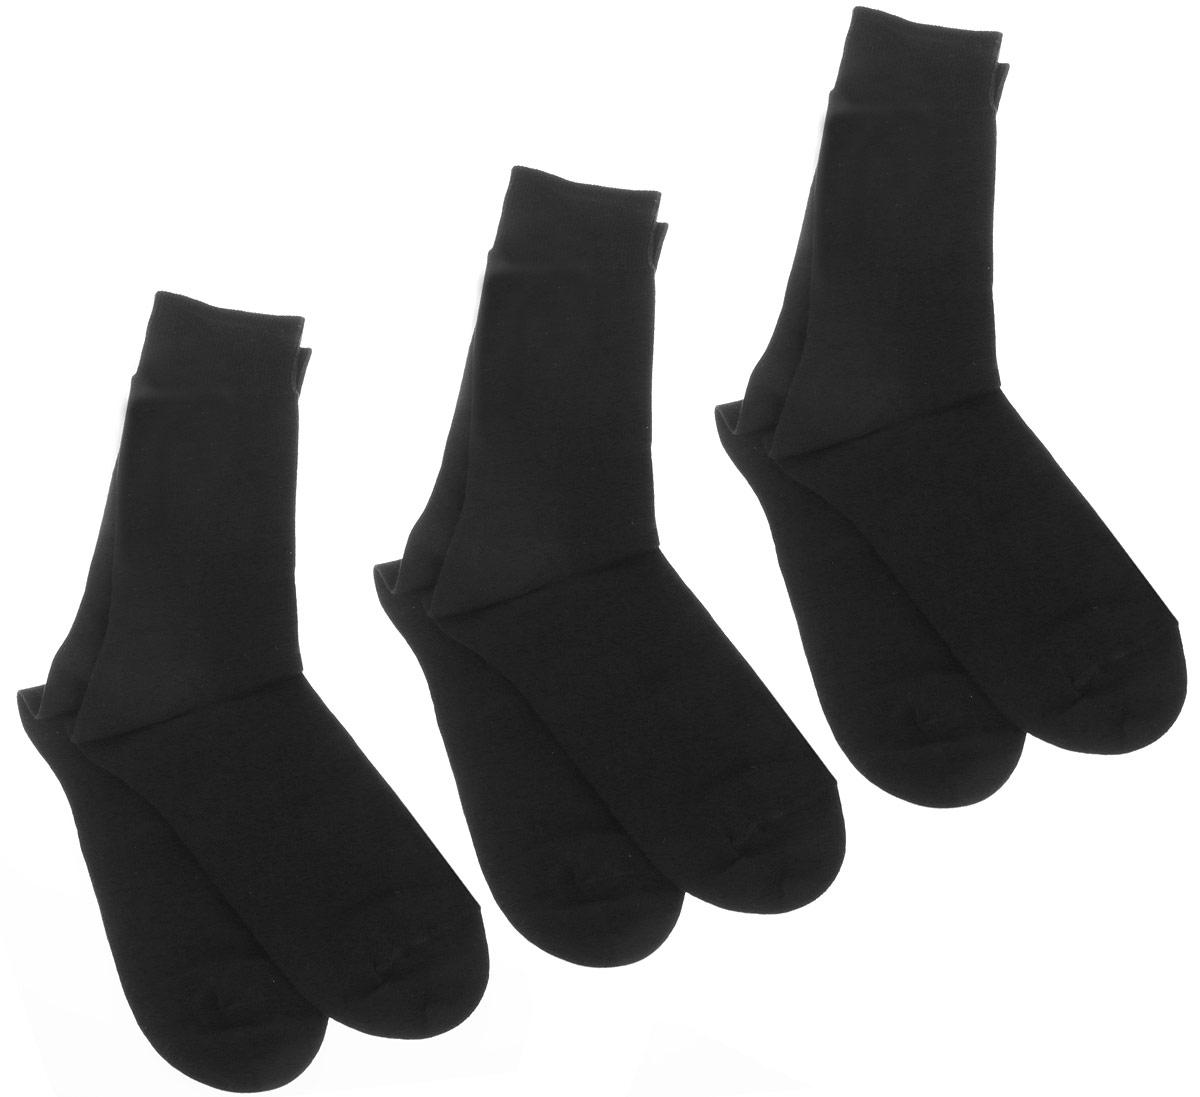 Носки мужские Smart Textile Гигиена-грибок, противогрибковые и антимикробные, цвет: черный, 3 пары. Н416. Размер 23